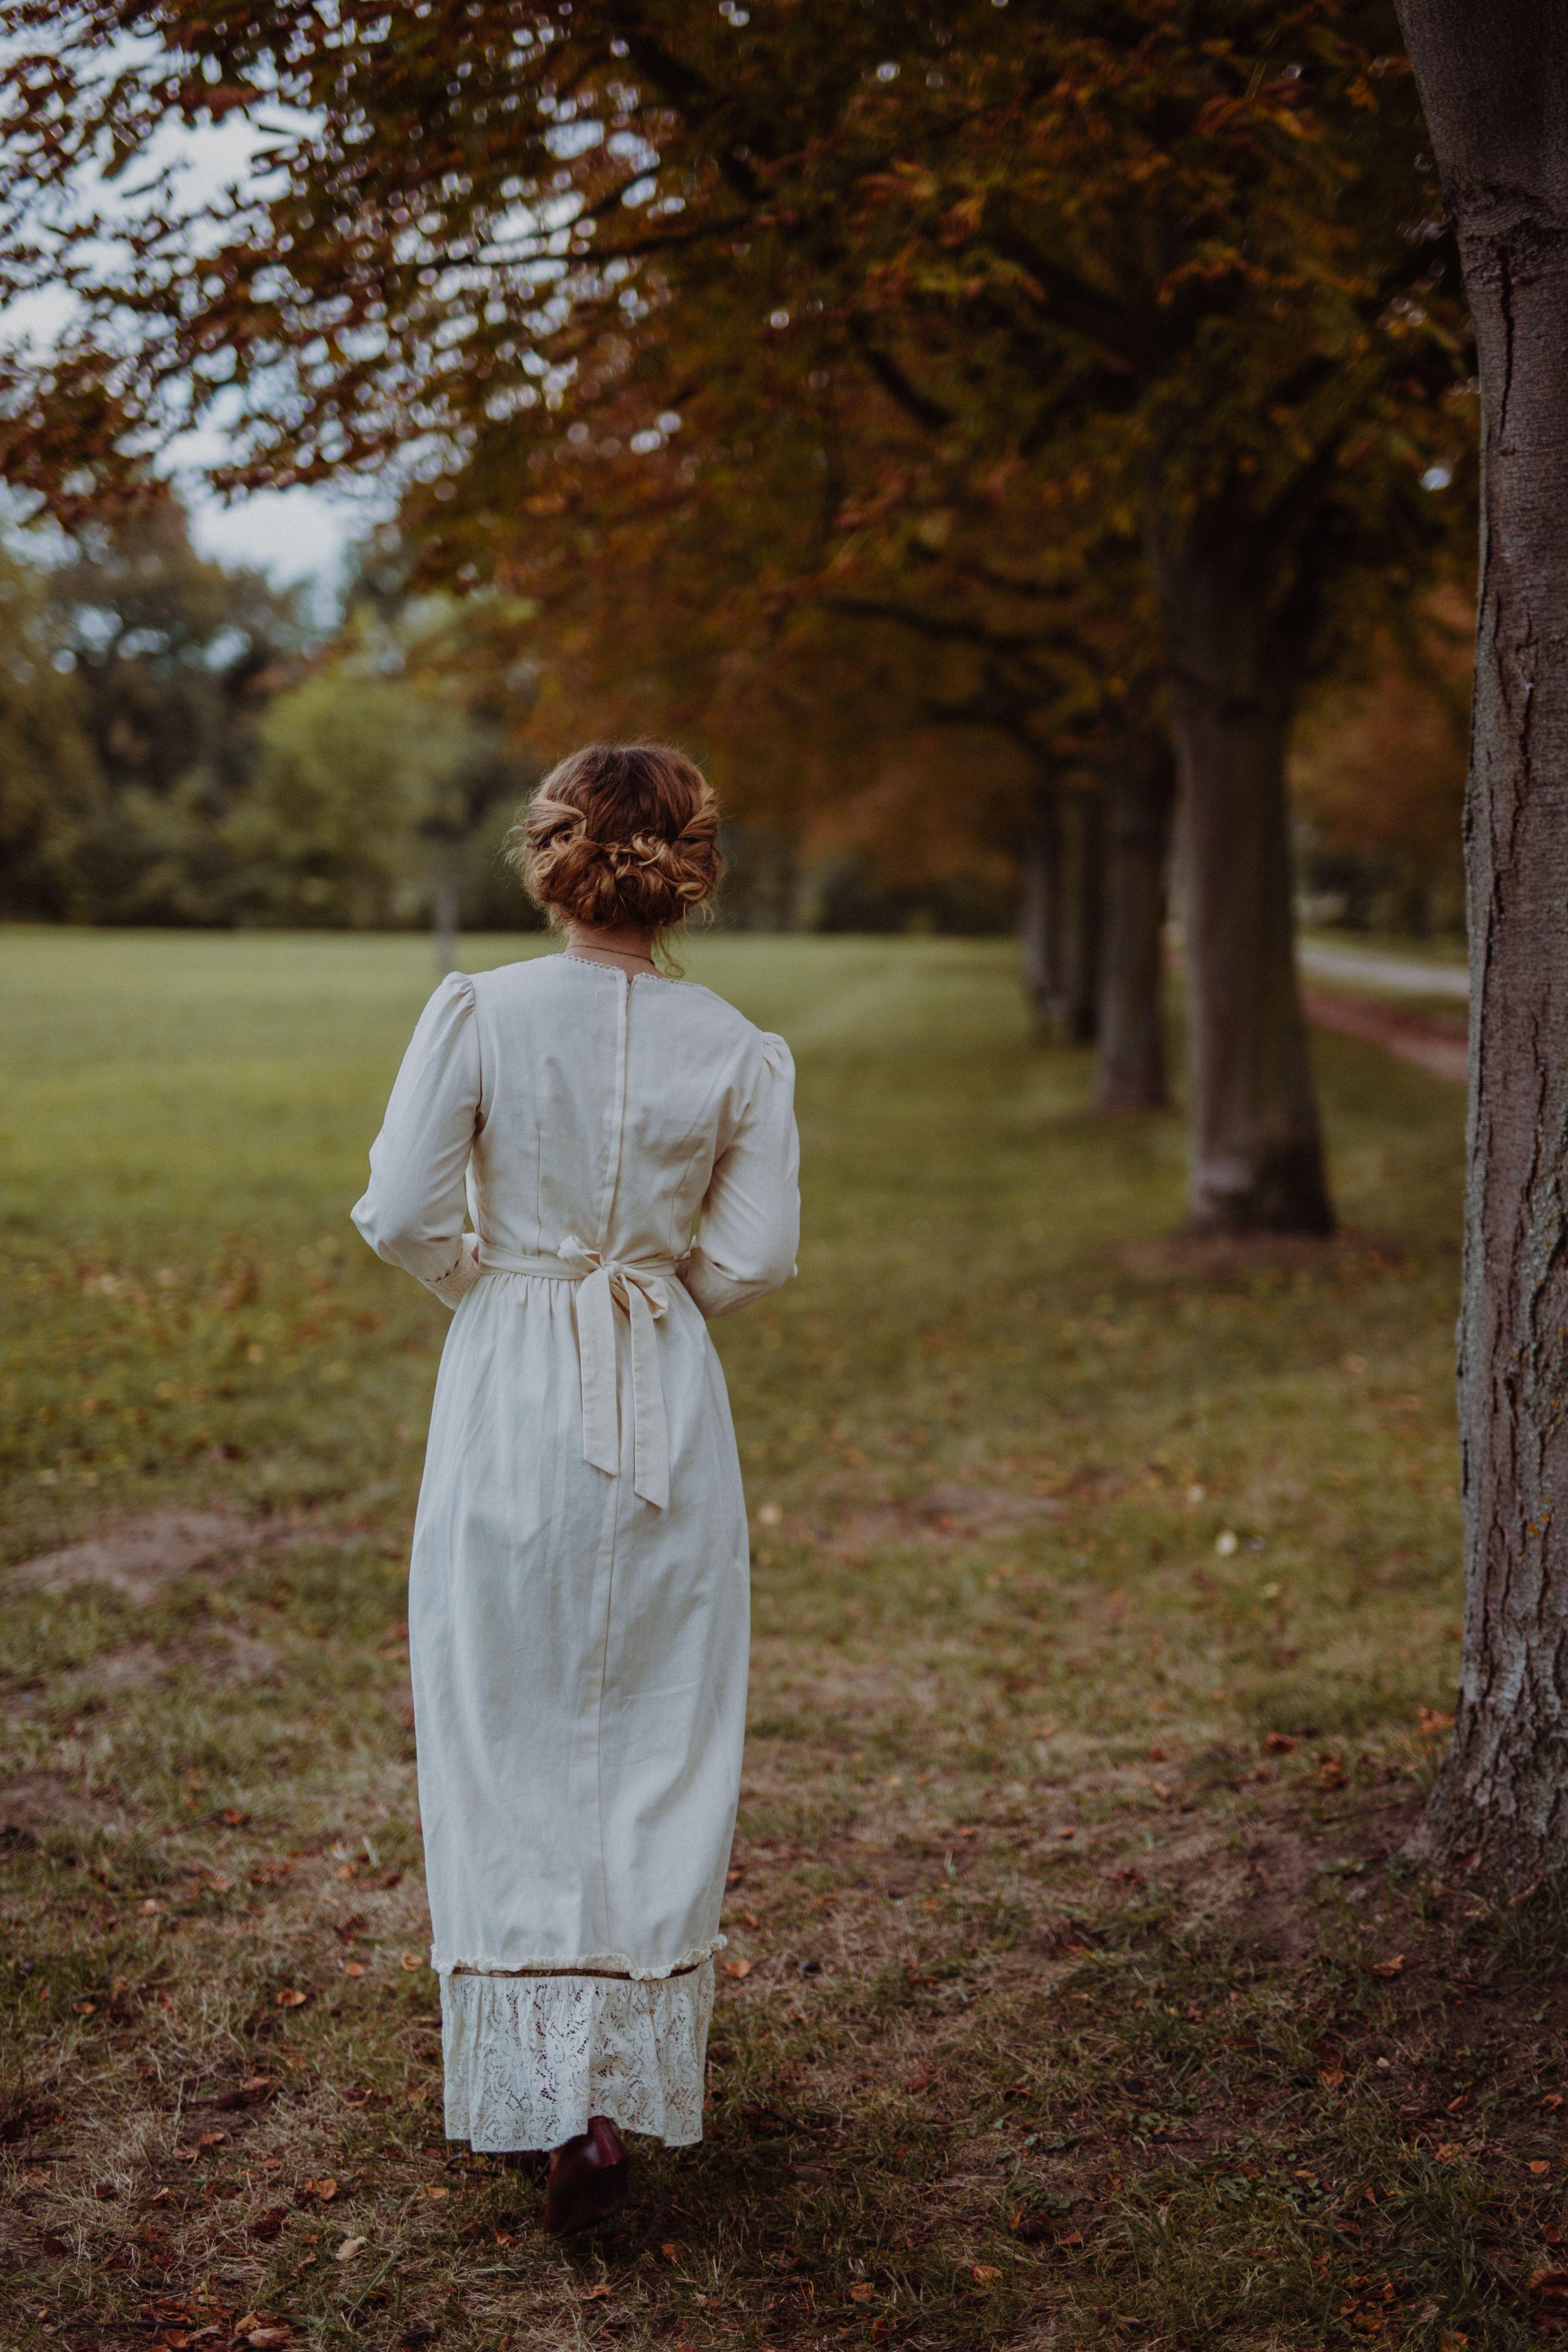 620b617bdd98 A Jane Austen inspired photography taken by Sophia Molek. I felt a bit like  Elizabeth